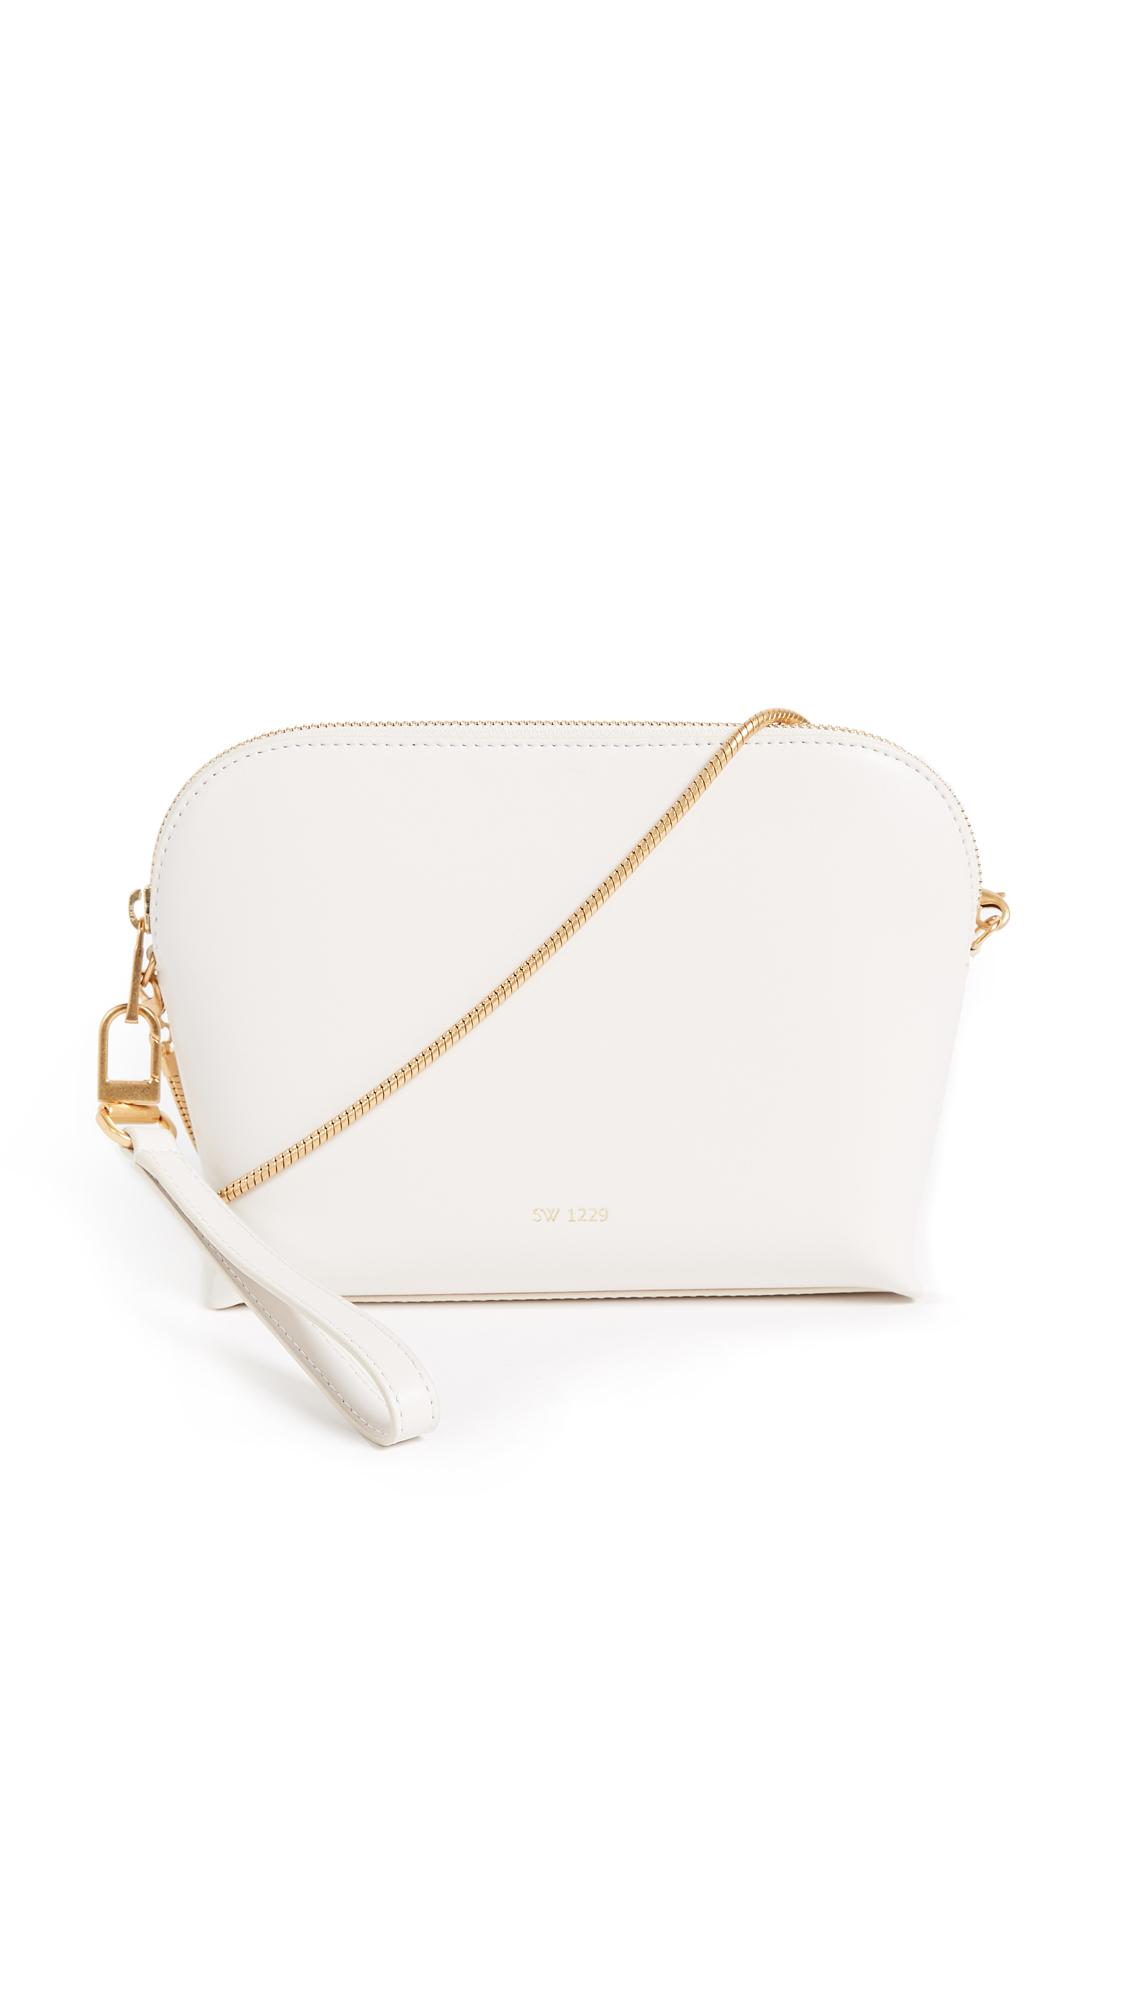 Sarah White Convertible Top Zip Shoulder Bag - Bone